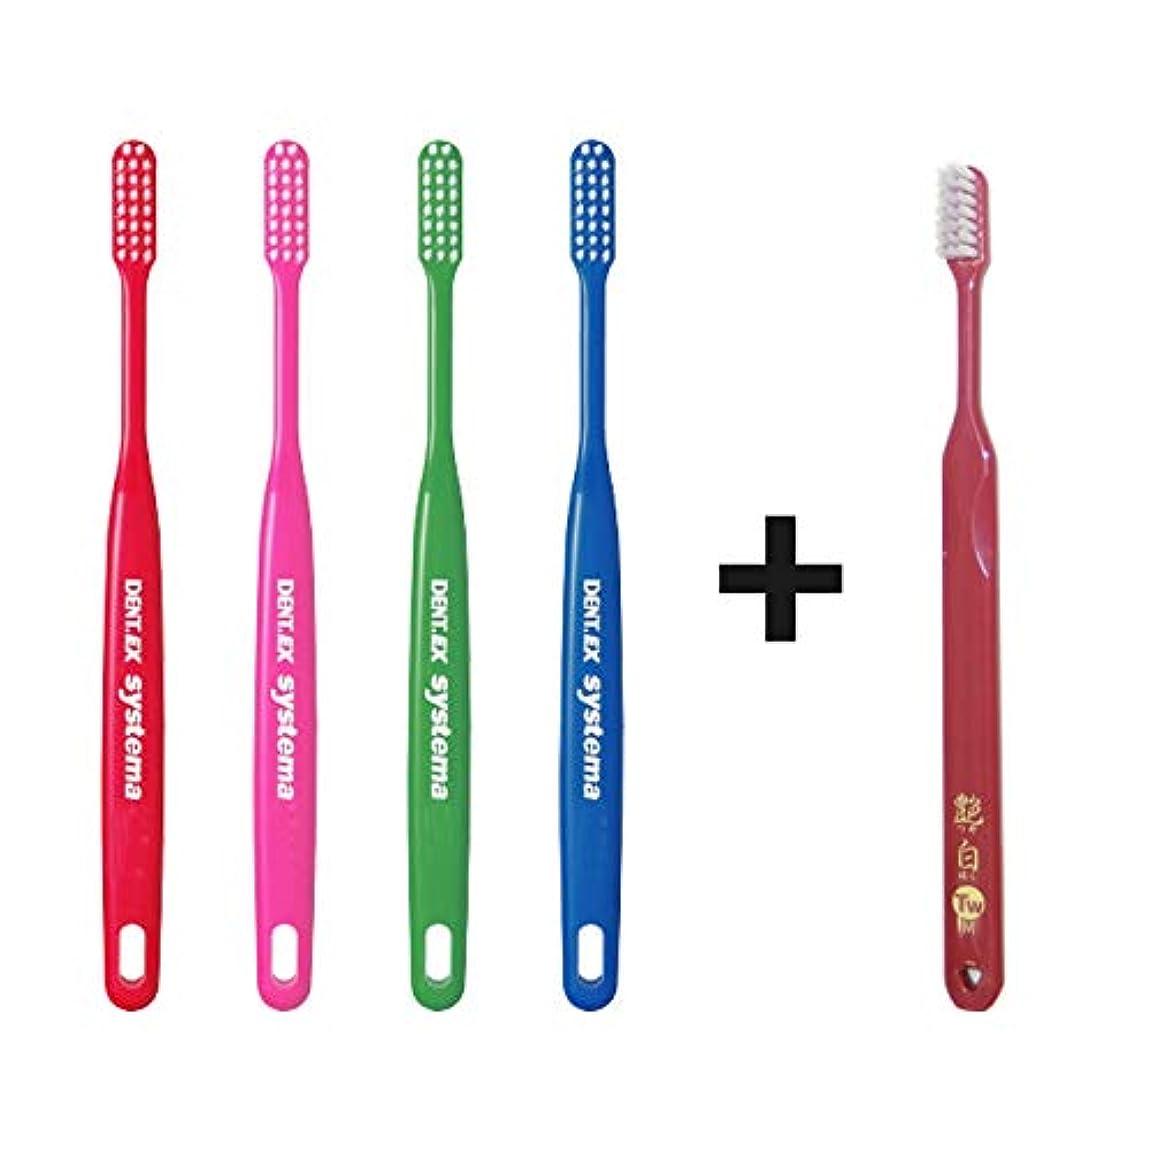 フレア幸運なことにシンプルなライオン DENT.EX システマ 歯ブラシ 42H × 10本 +「艶白(つやはく)」歯ブラシ ツイン(M) × 1本 (日本製) 歯周病予防